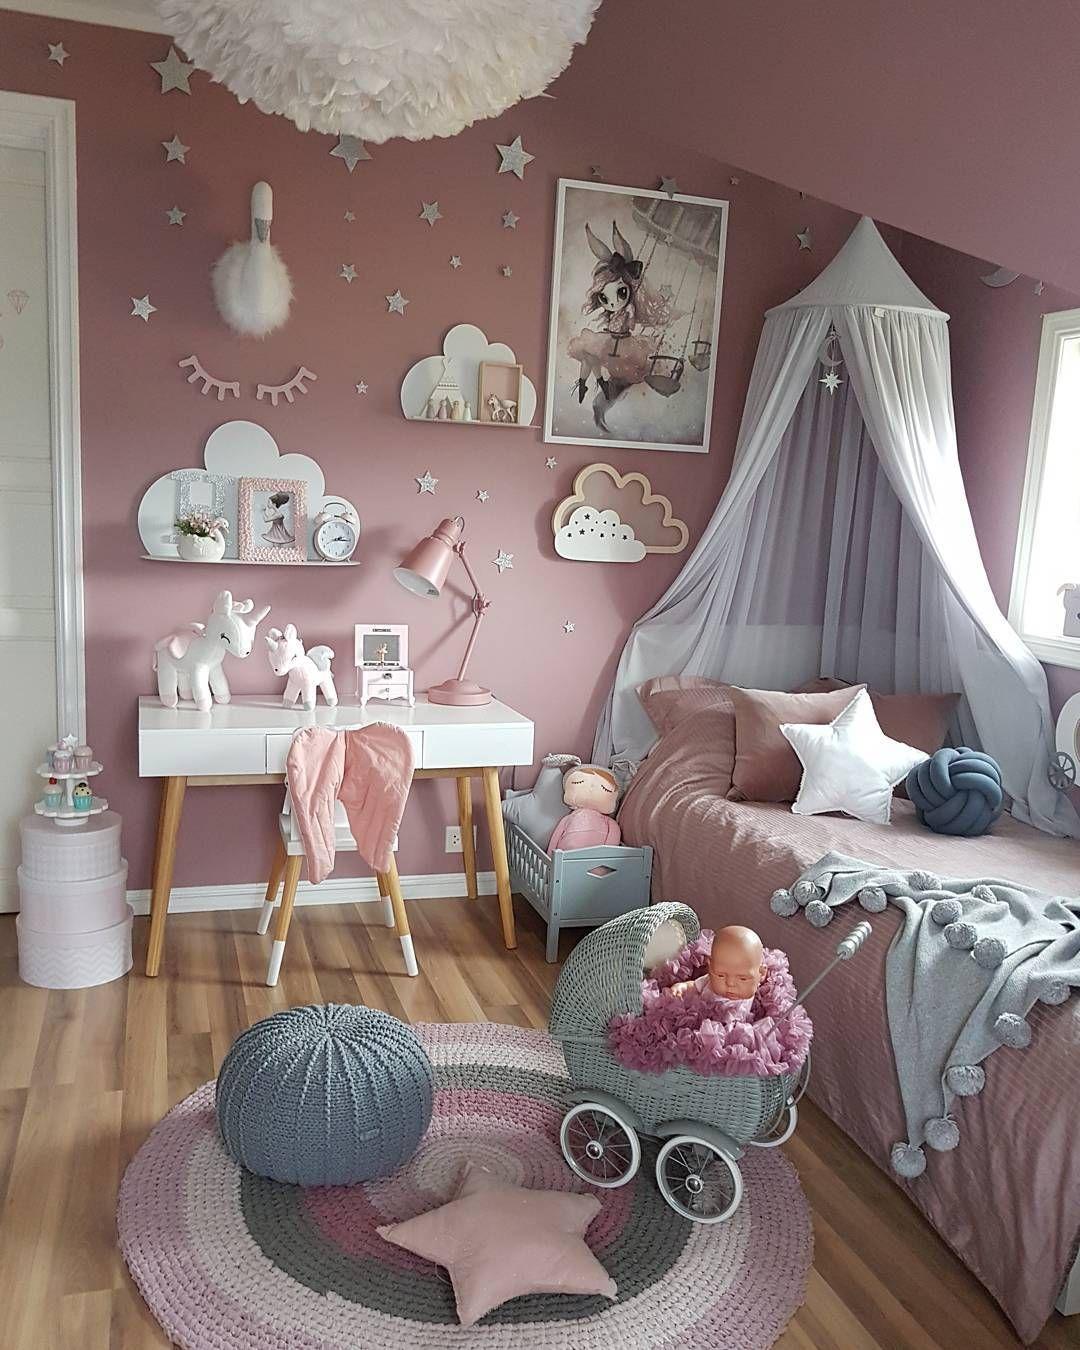 Habitaci n princesa dormitorios juveniles en 2019 for Decoracion habitacion bebe nina 2017